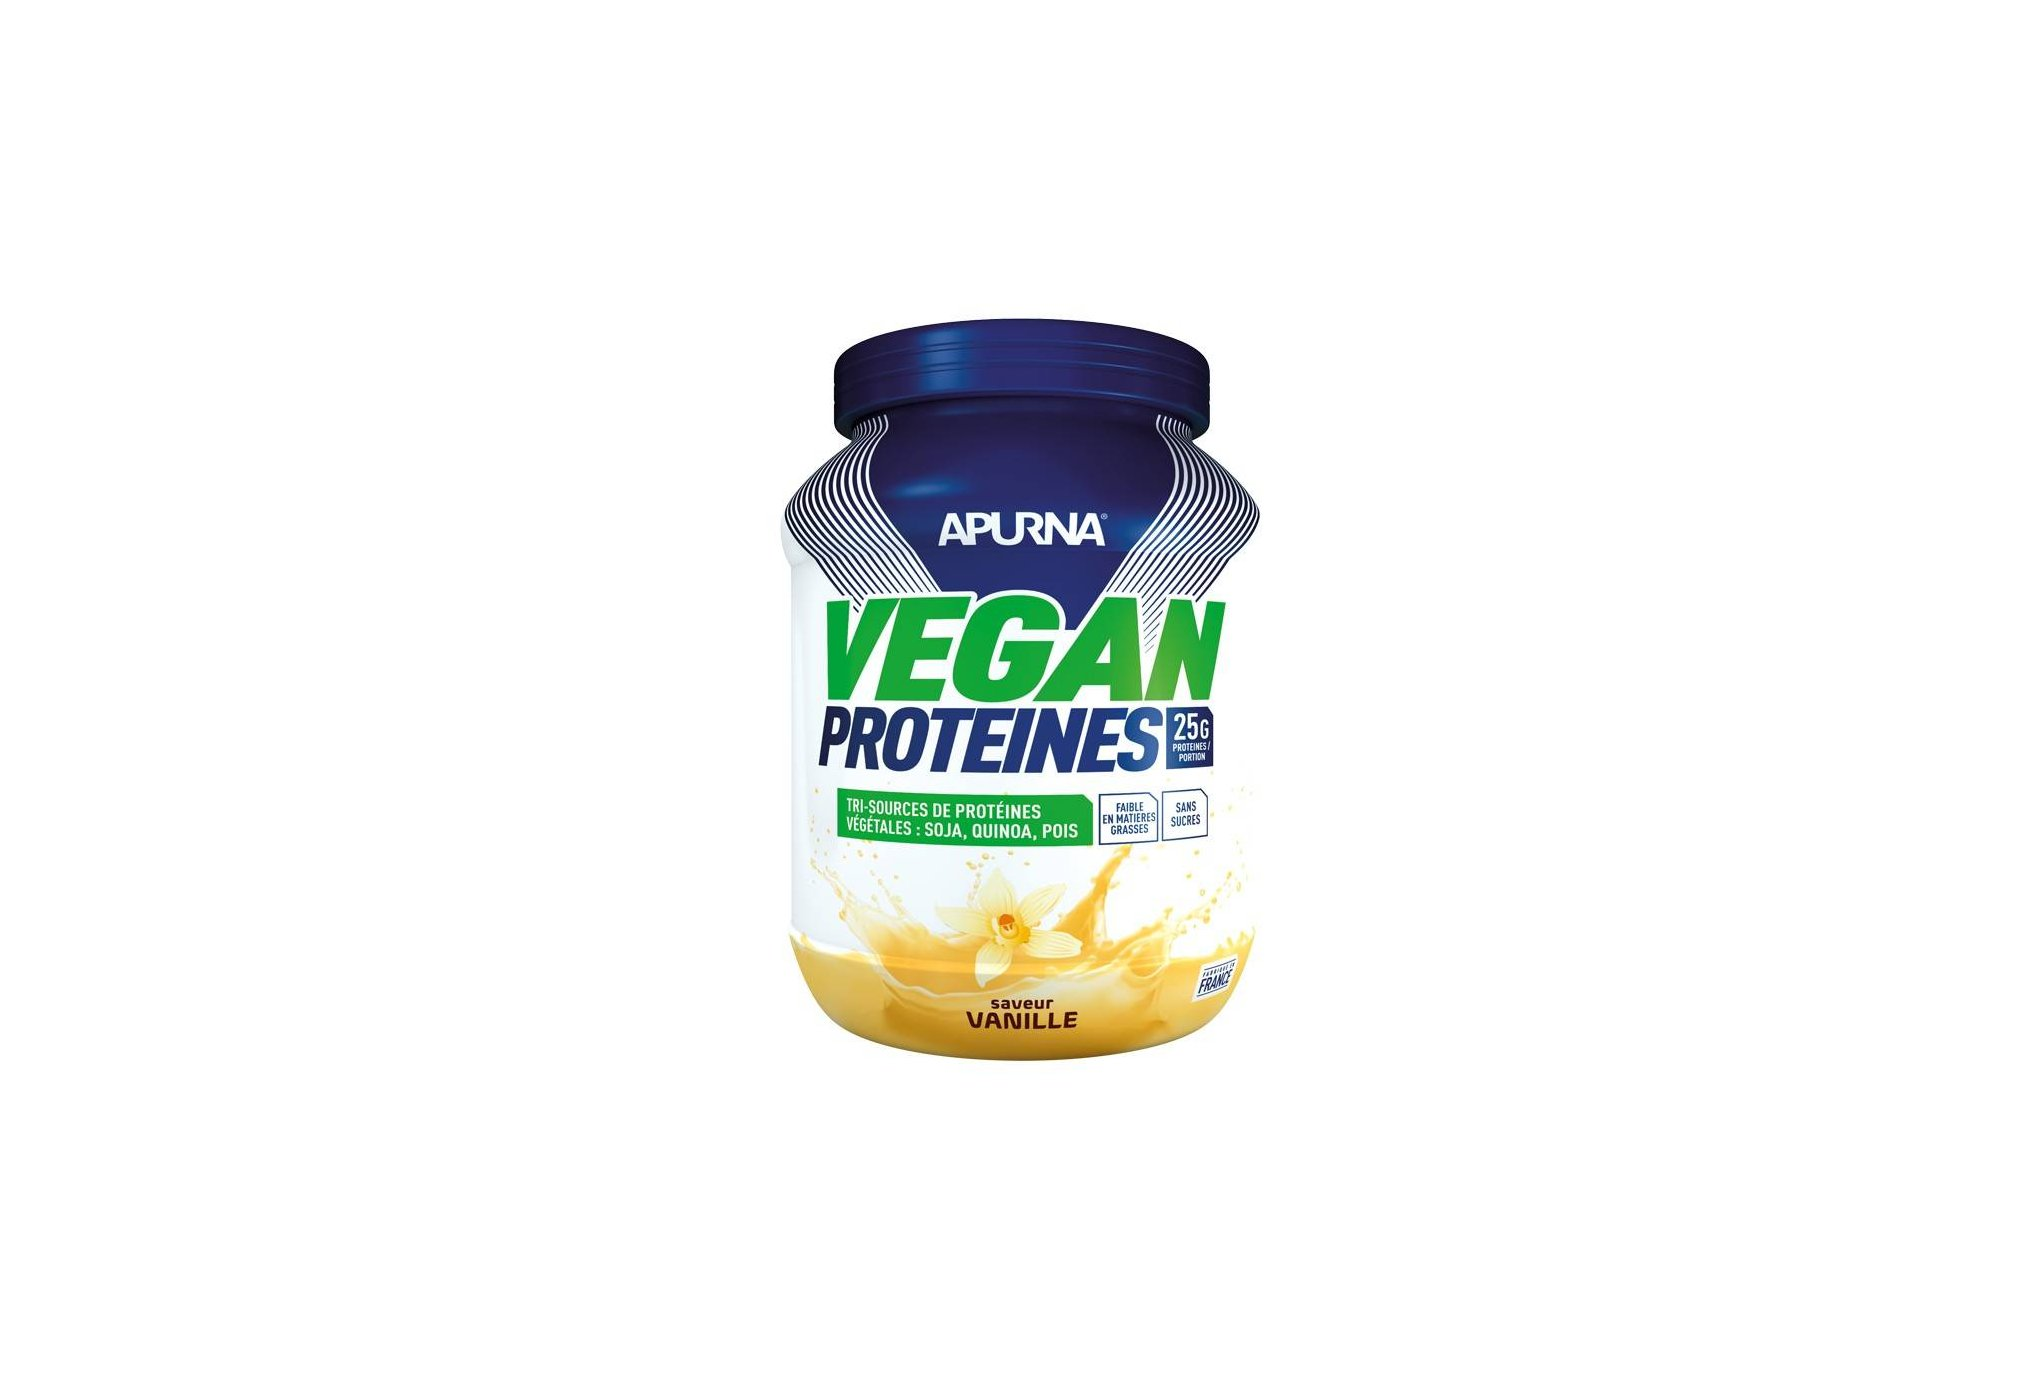 Apurna Vegan Protéines - Vanille Diététique Protéines / récupération